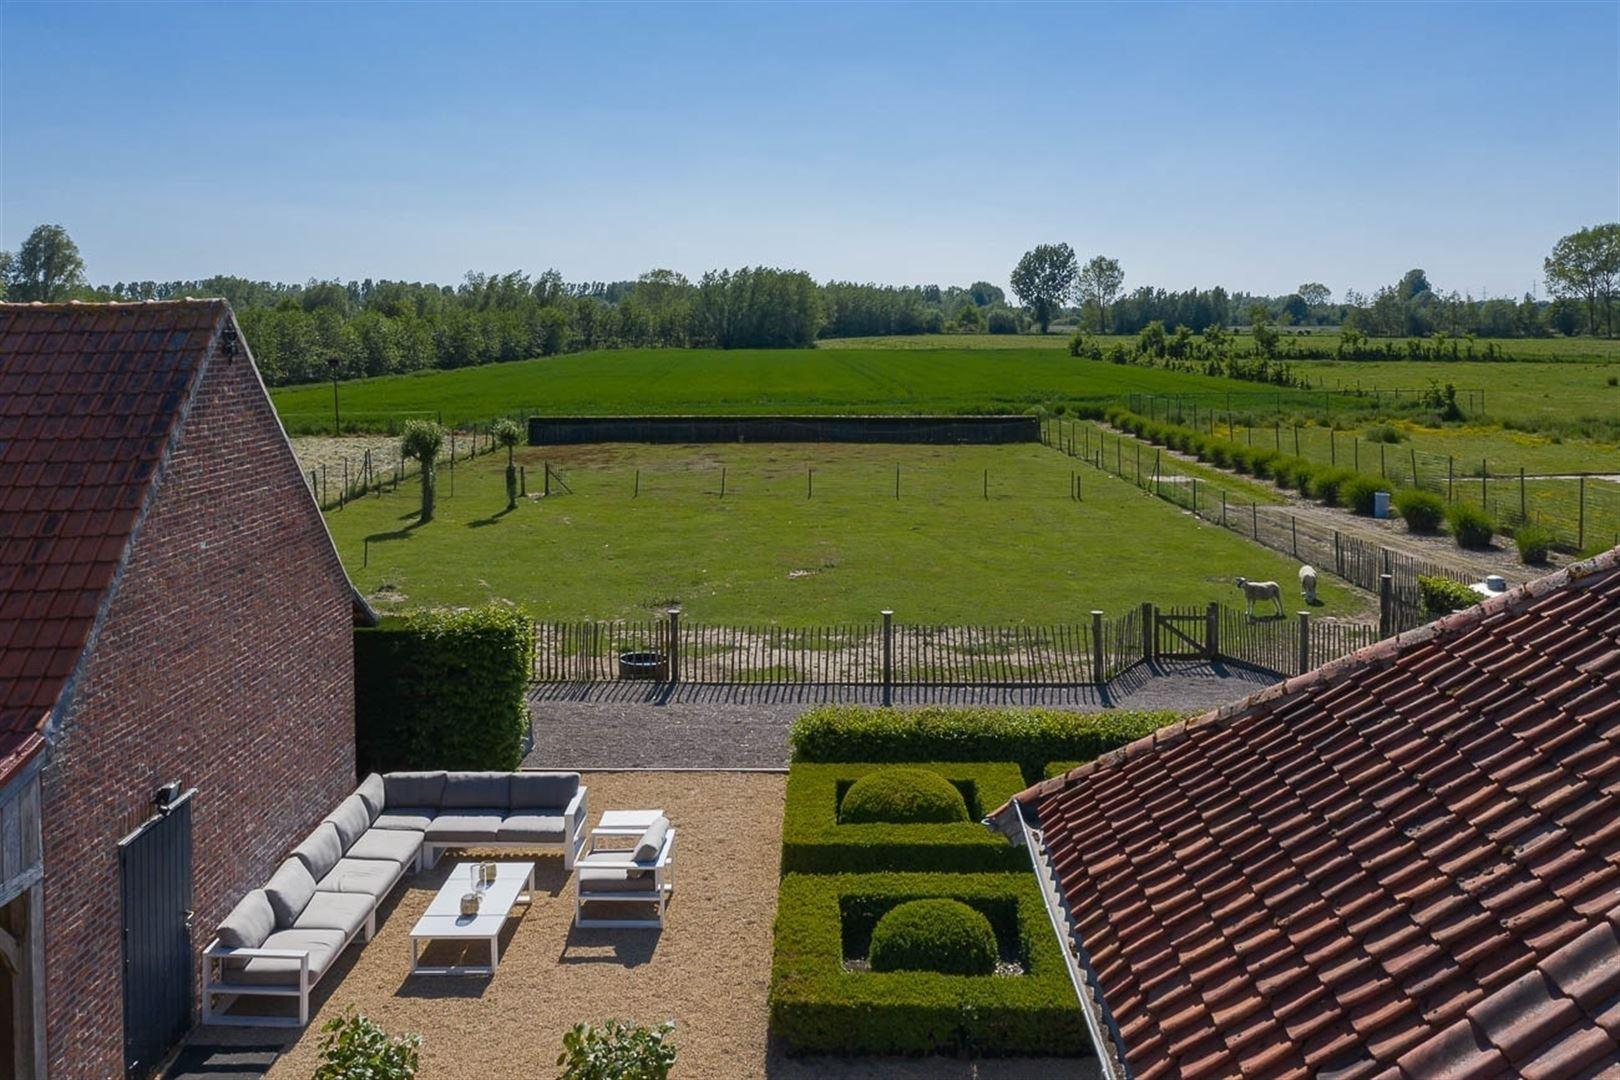 Foto 10 : Gemengd gebouw te 9160 LOKEREN (België) - Prijs € 1.400.000